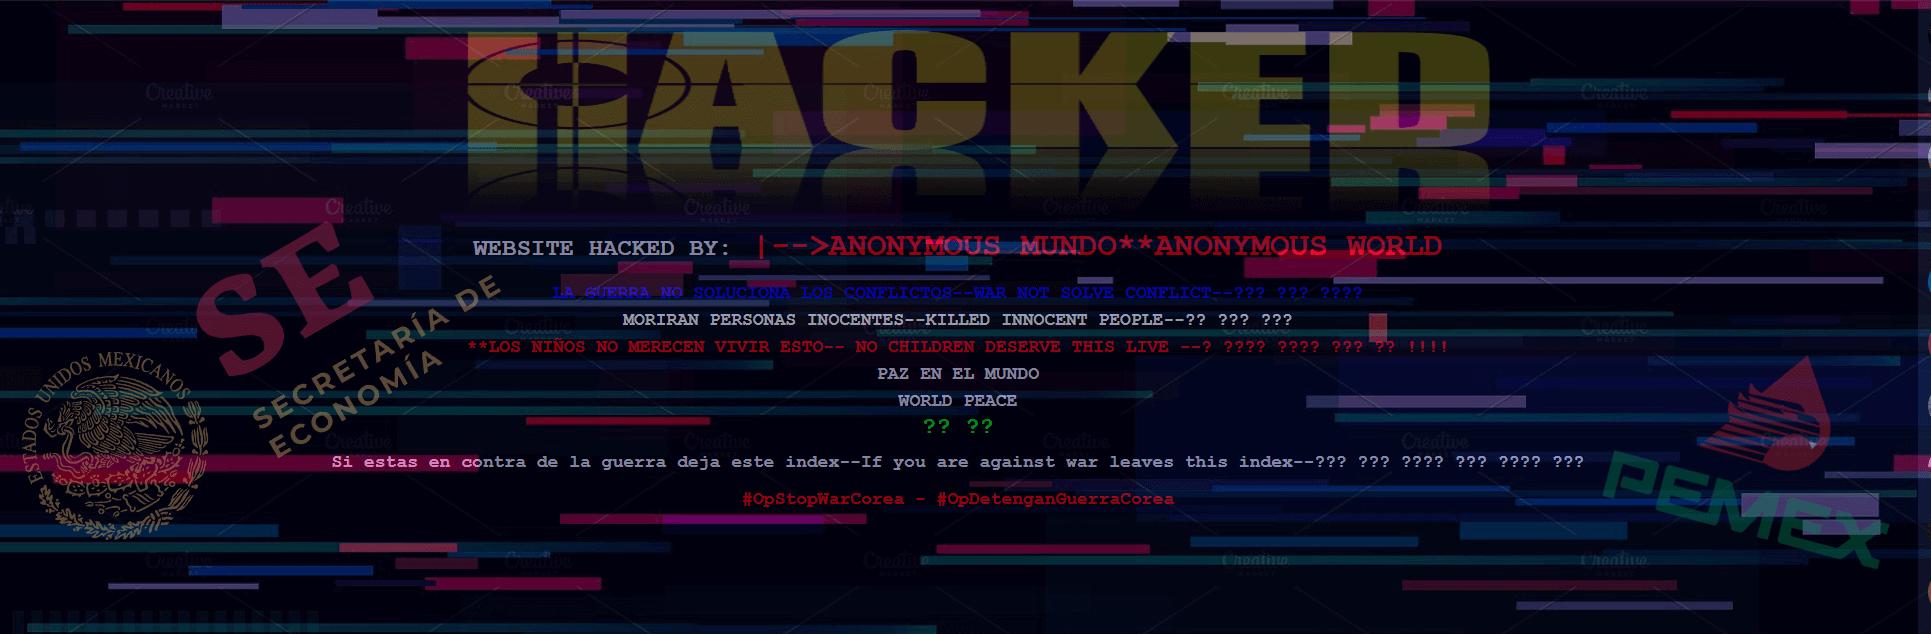 #GobHacked: Panorama general de sitios  gubernamentales hackeados en Mexico.